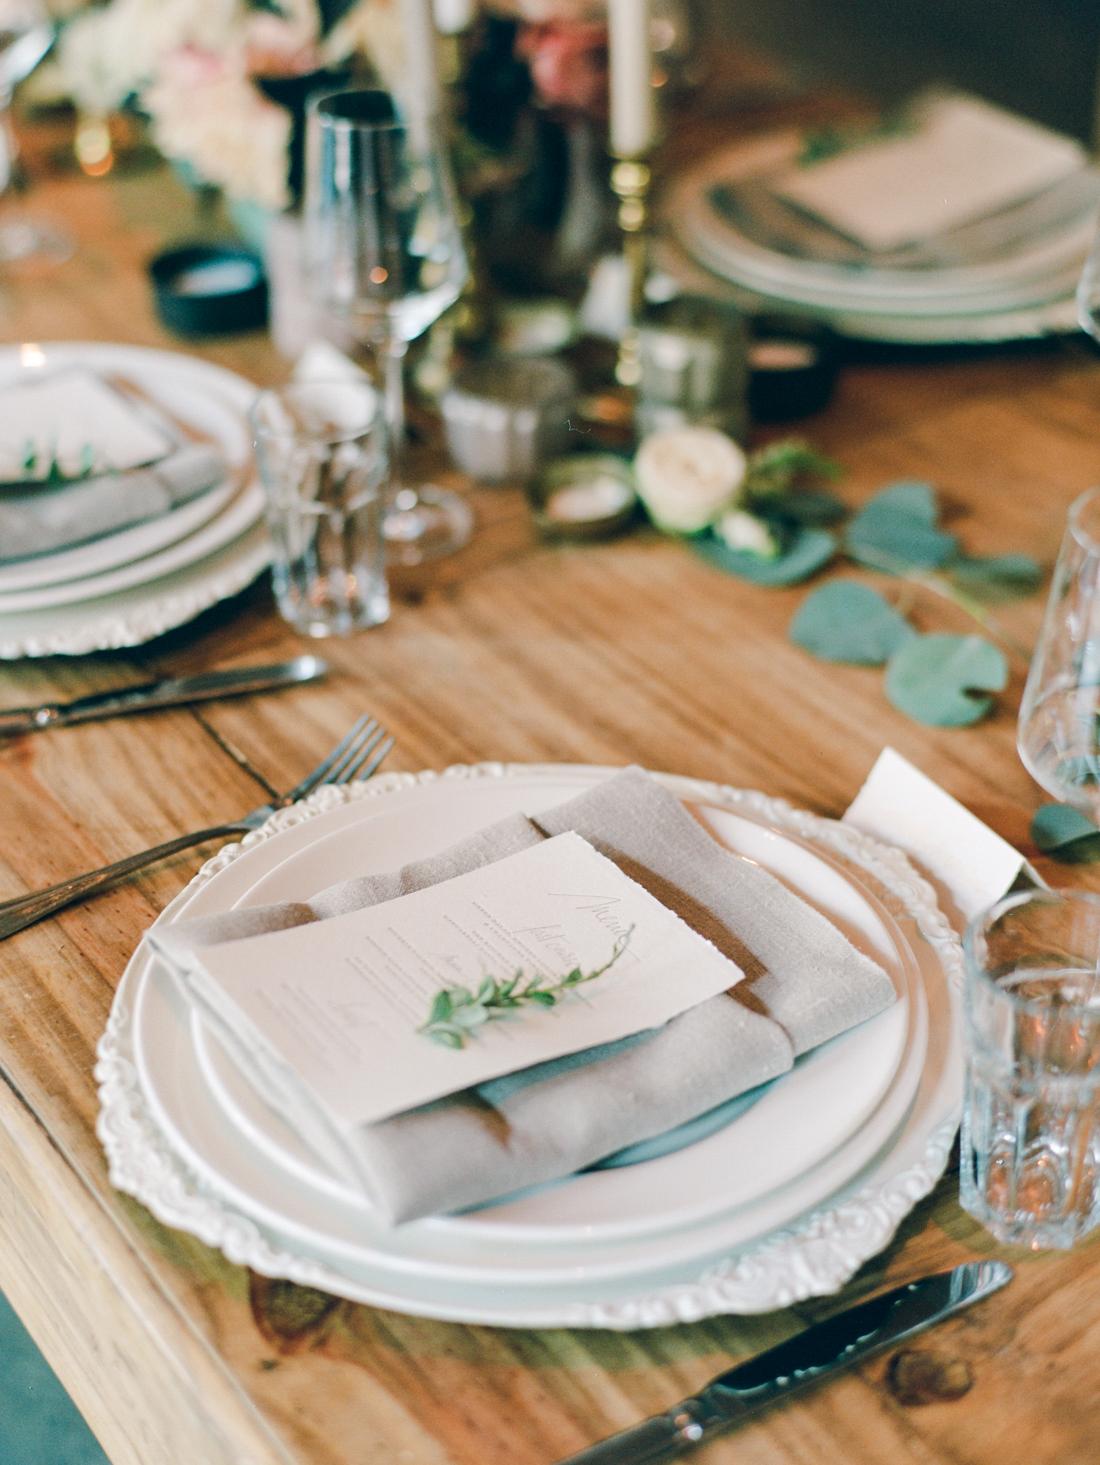 Kristin_Brett_TheKitchen_Denver_Wedding_by_Connie_Whitlock_web_243.jpg